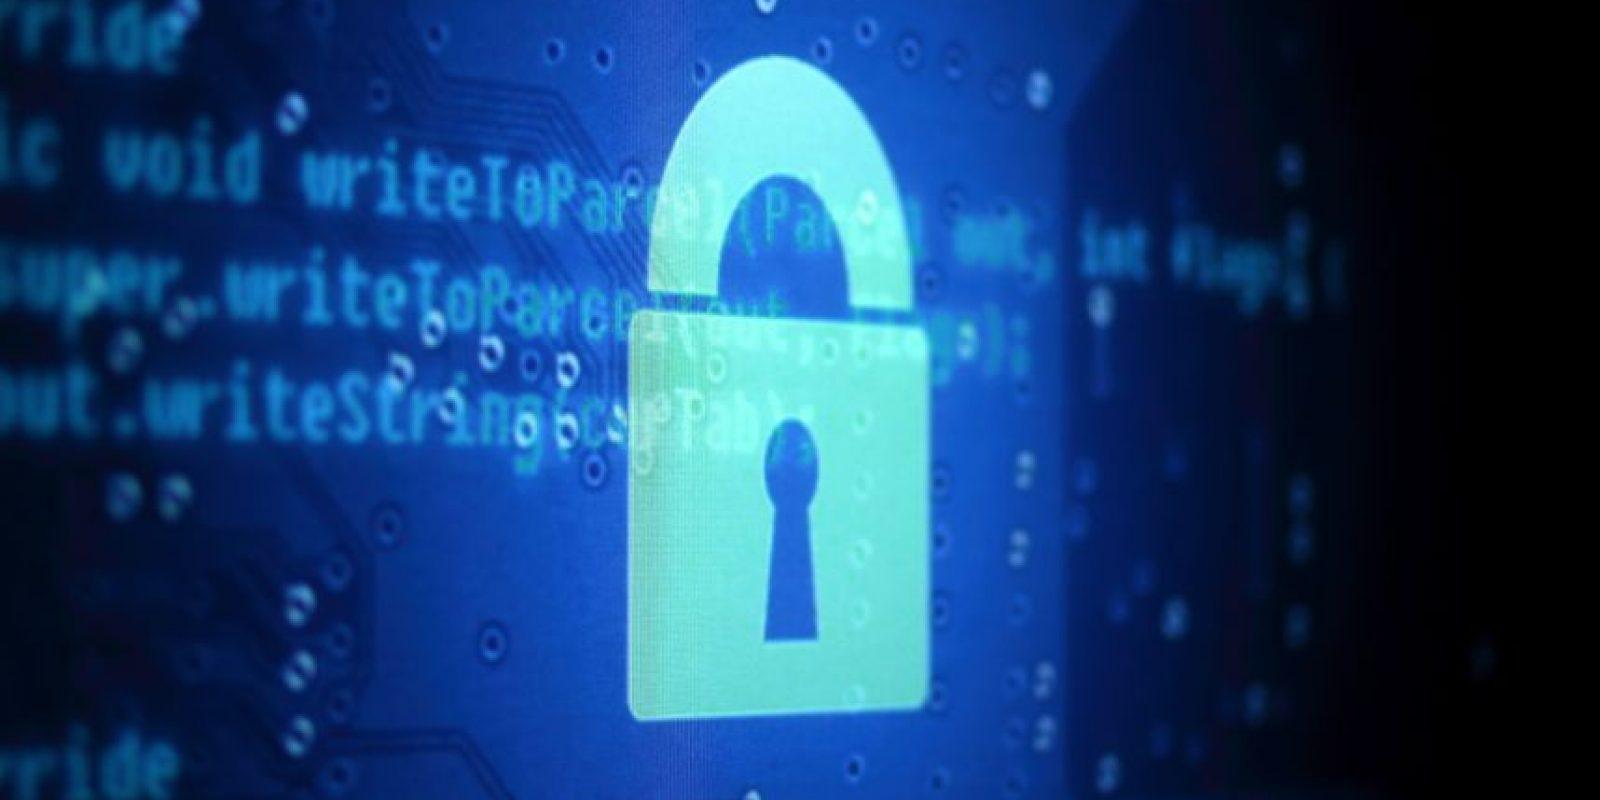 Este software impedirá en muchos casos la intrusión desde un equipo externo a nuestros dispositivos. Foto:Getty